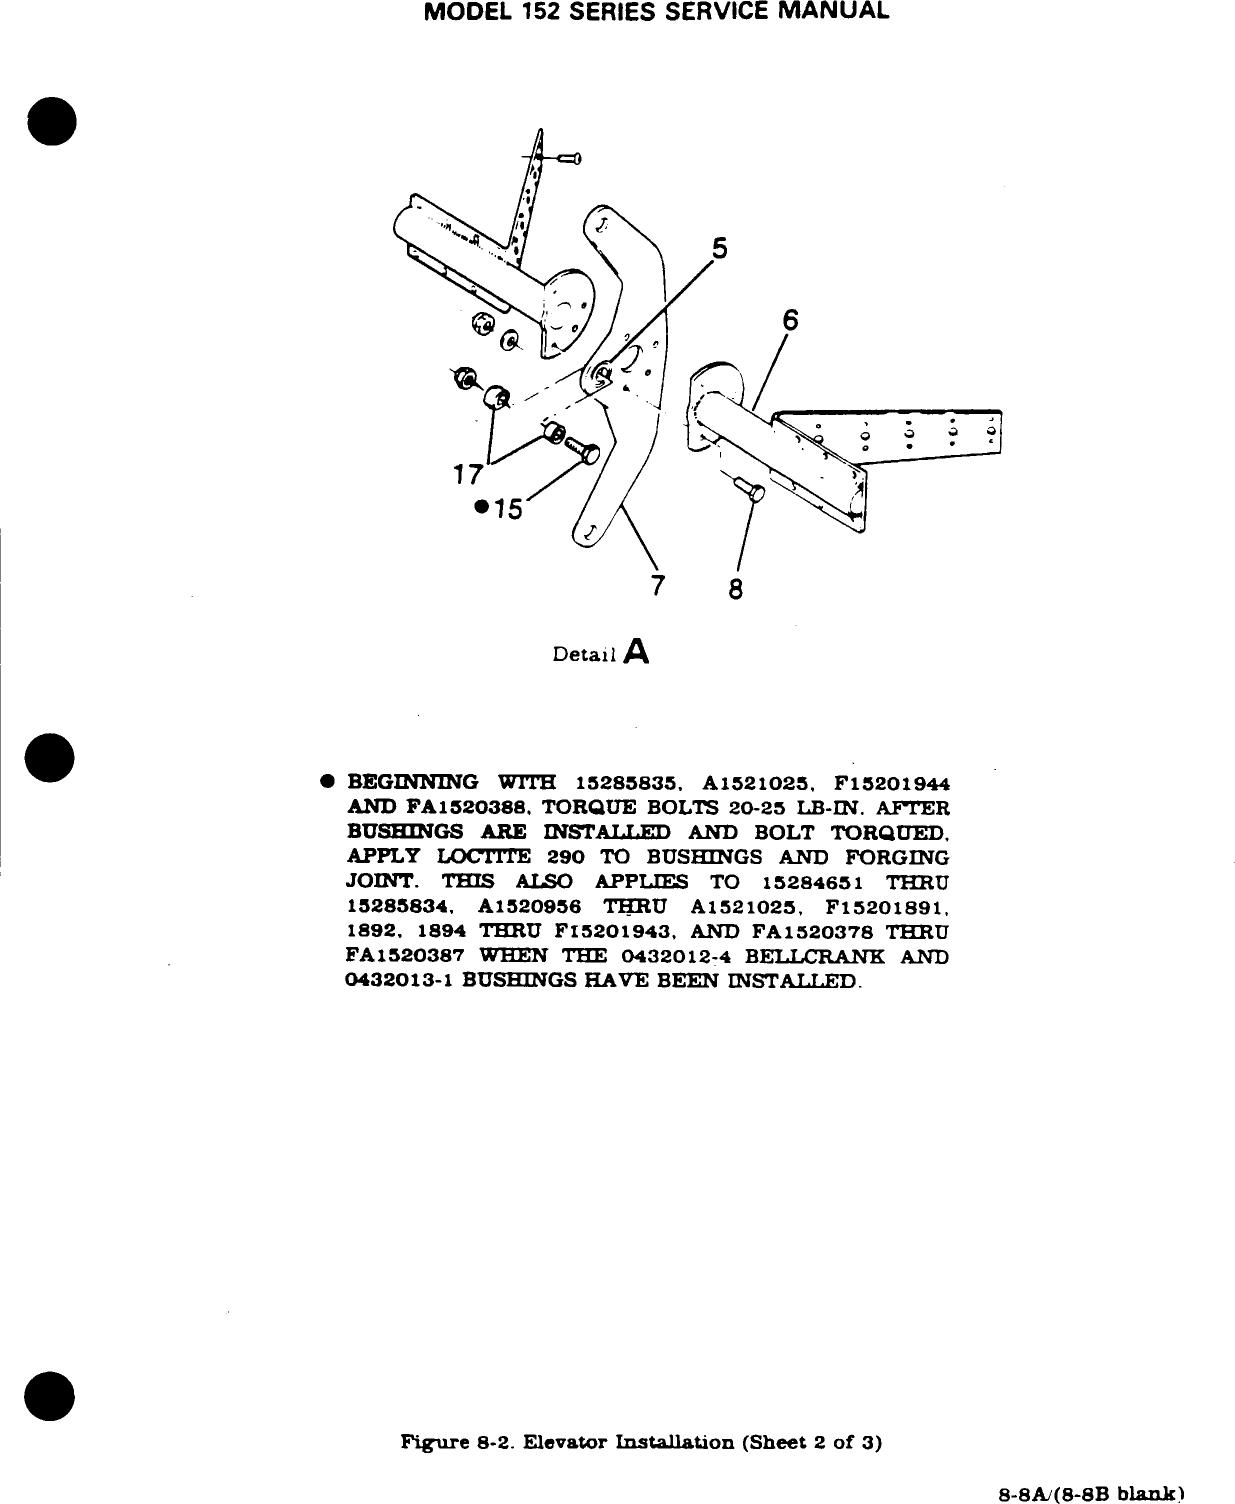 D2064 1 13 152 SERIES (1978 THRU 1985) Cessna_152_1978 1985_MM_D2064